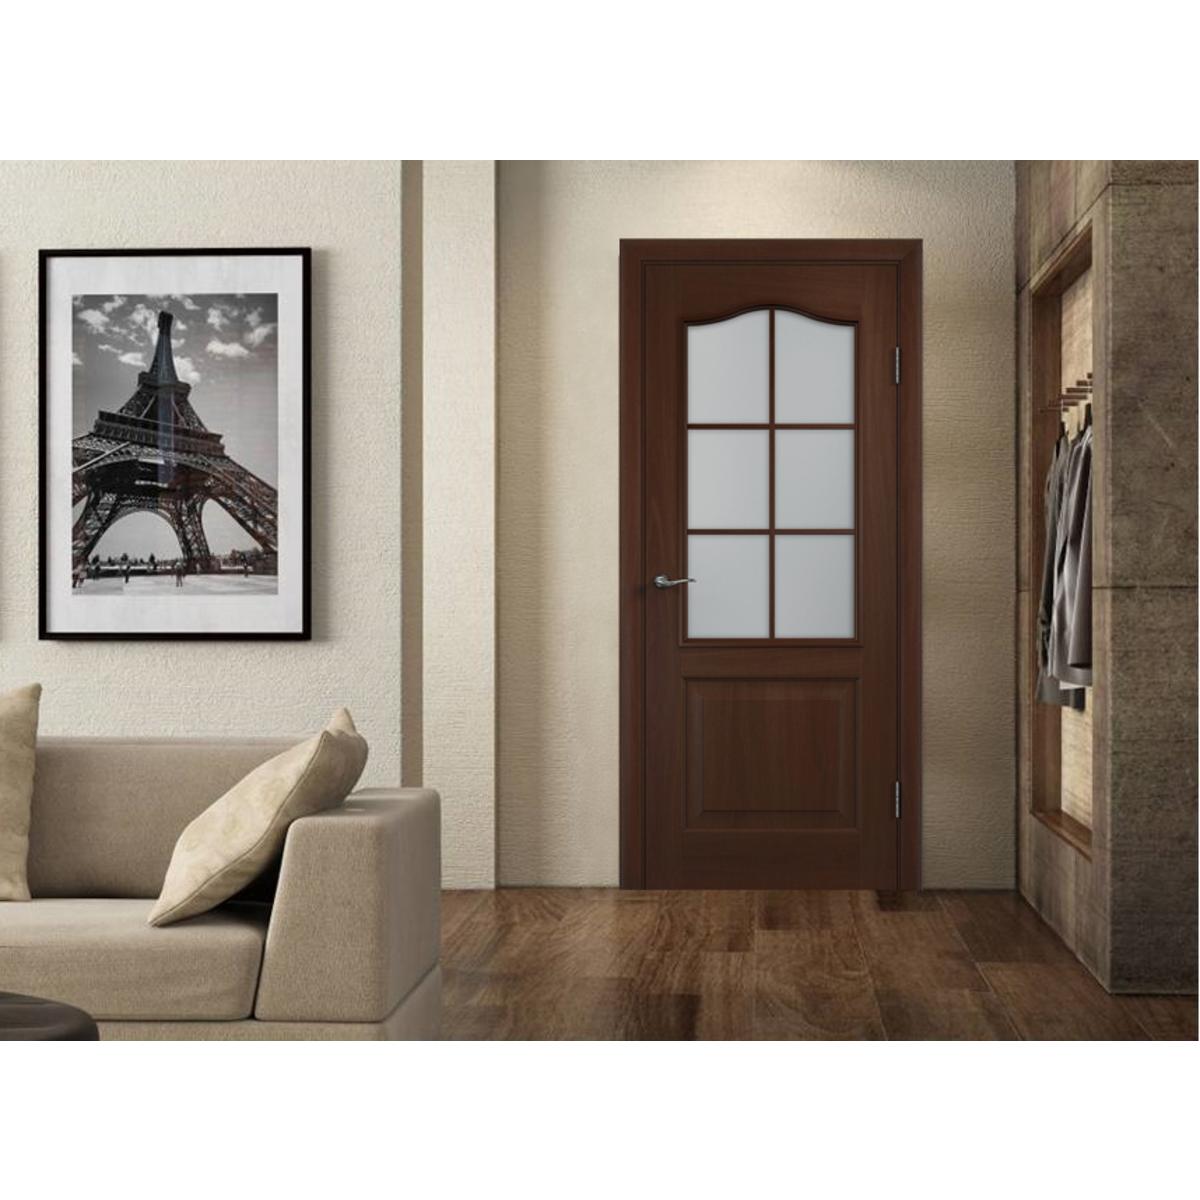 Дверь Межкомнатная Остеклённая Пвх Антик 70x200 Цвет Итальянский Орех